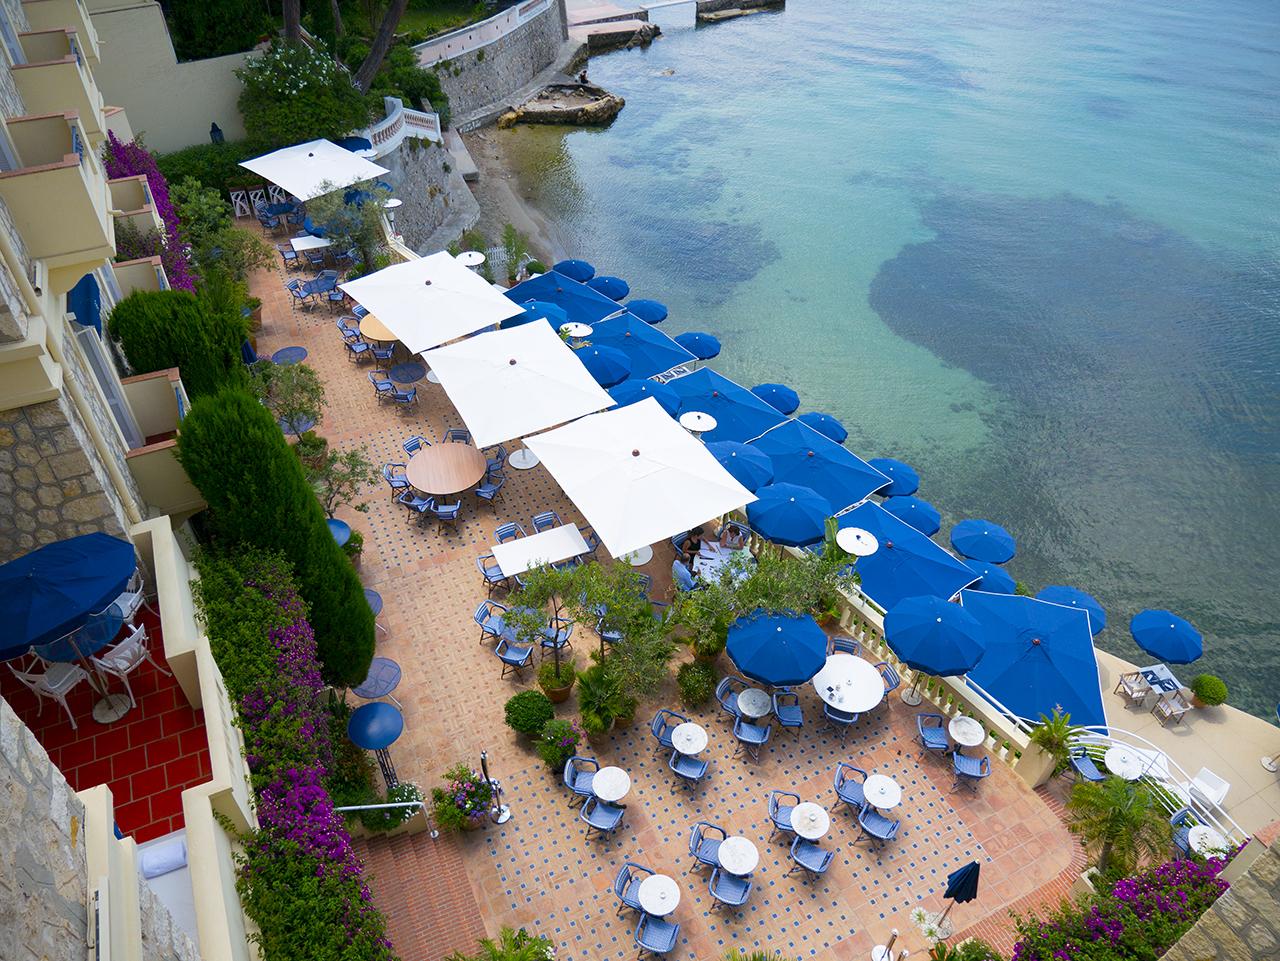 Hotel Belle Rives Terrace